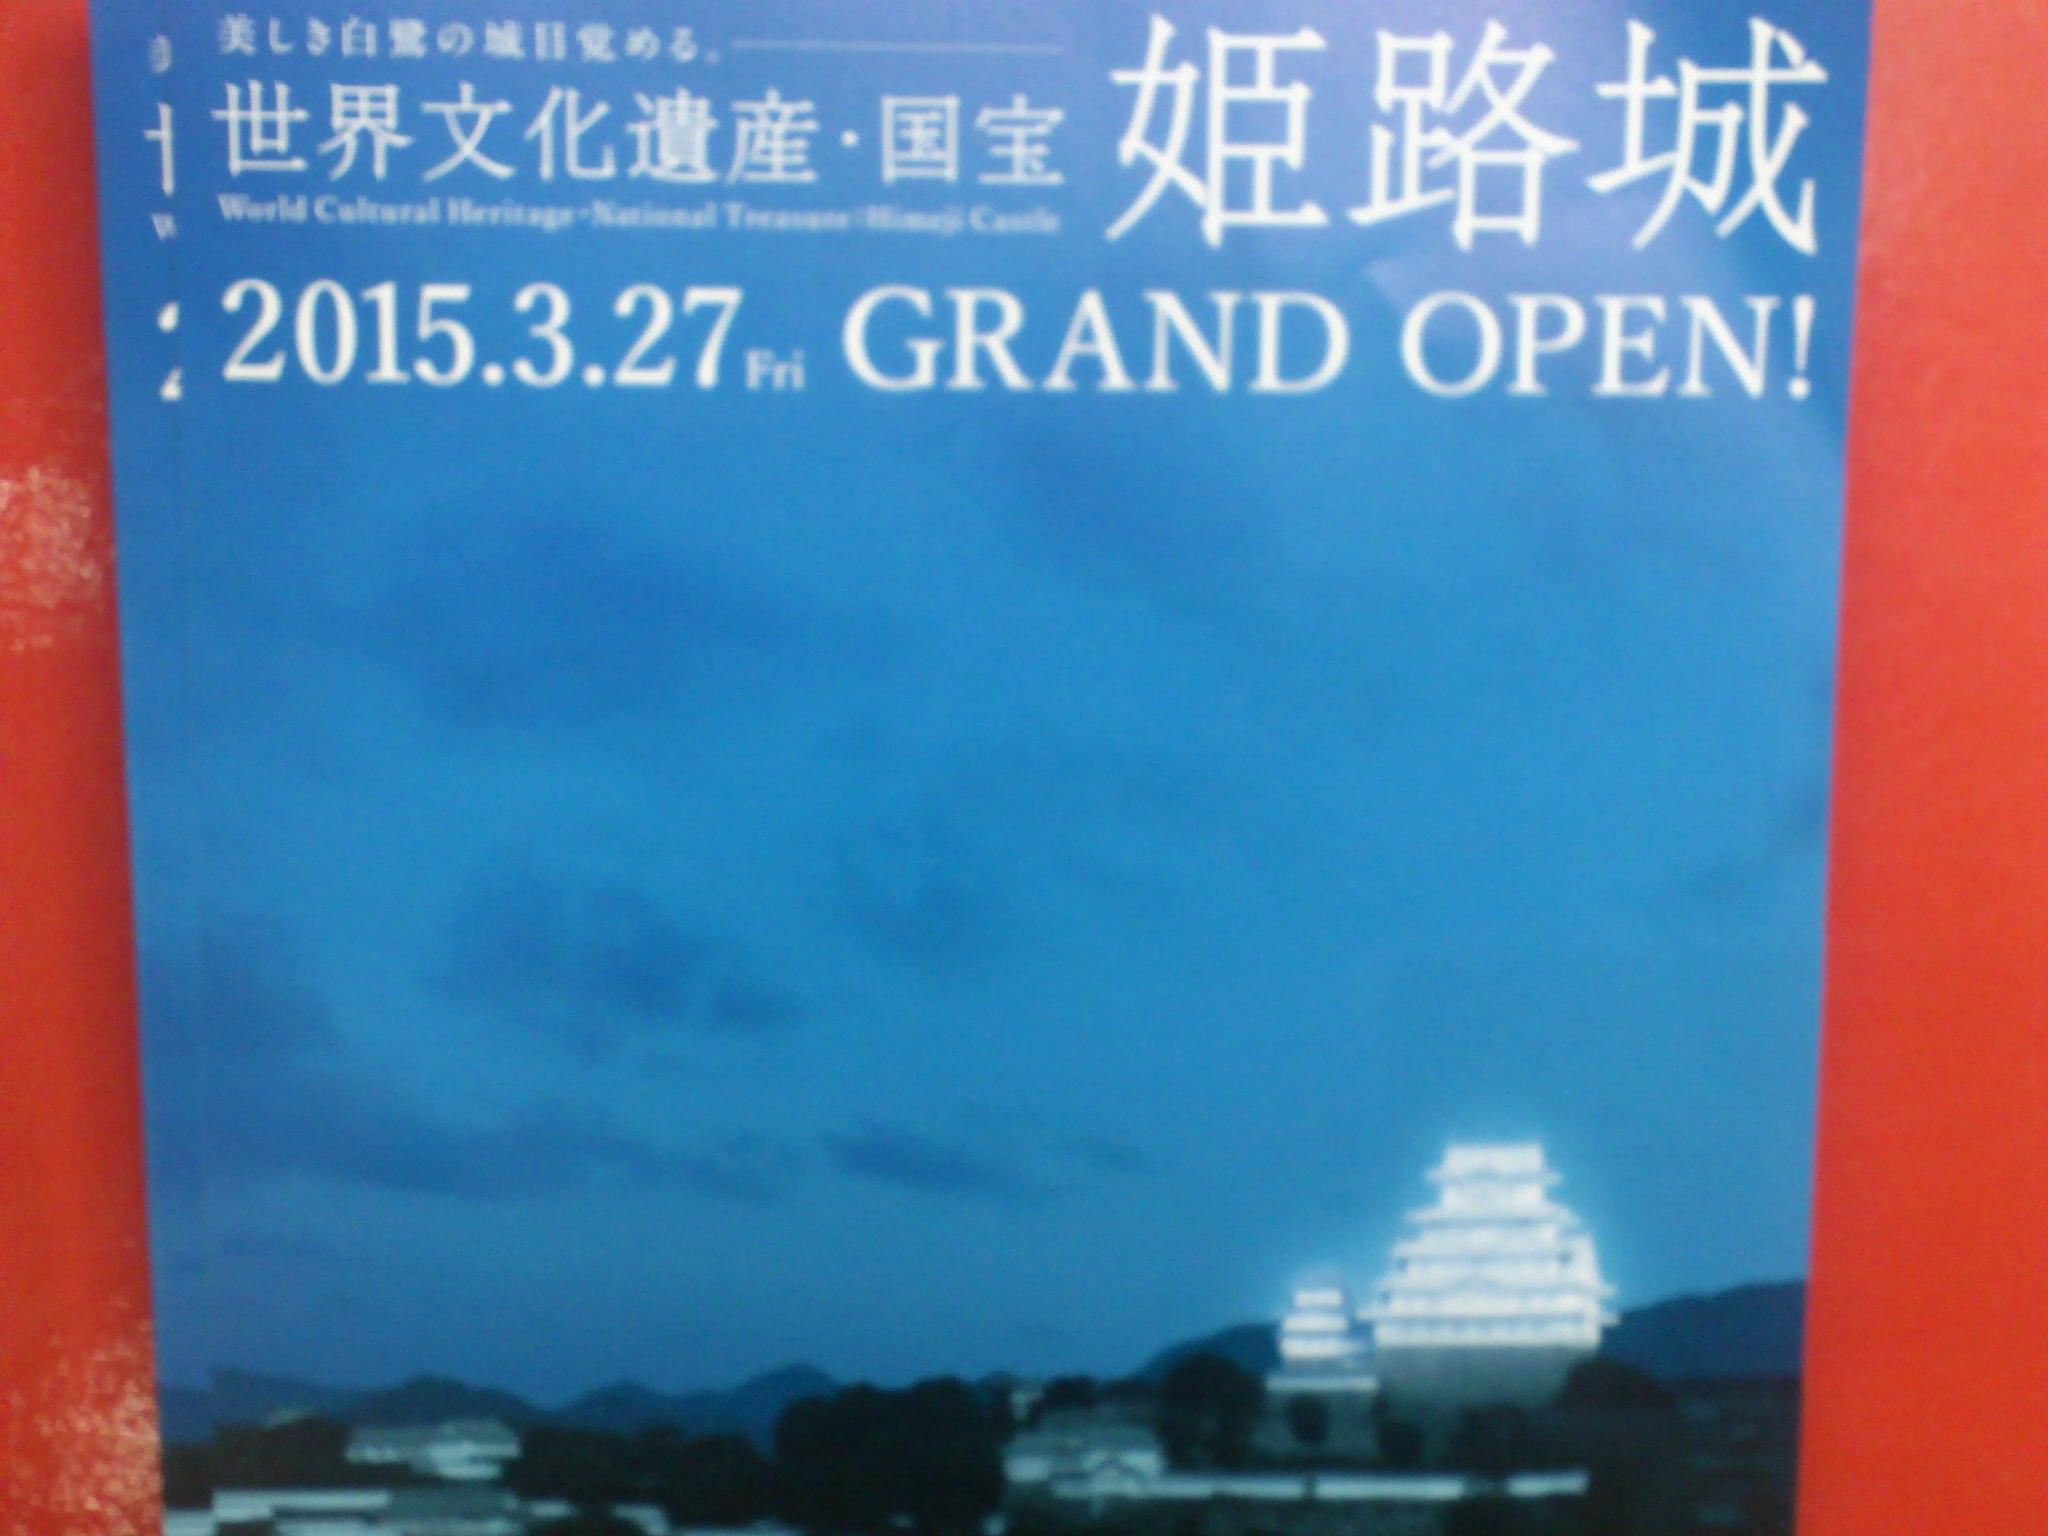 姫路のホテルで仕事。姫路城は近々完全オープン。好きな黒田官兵衛がフューチャーされて嬉しい昨年でした☆